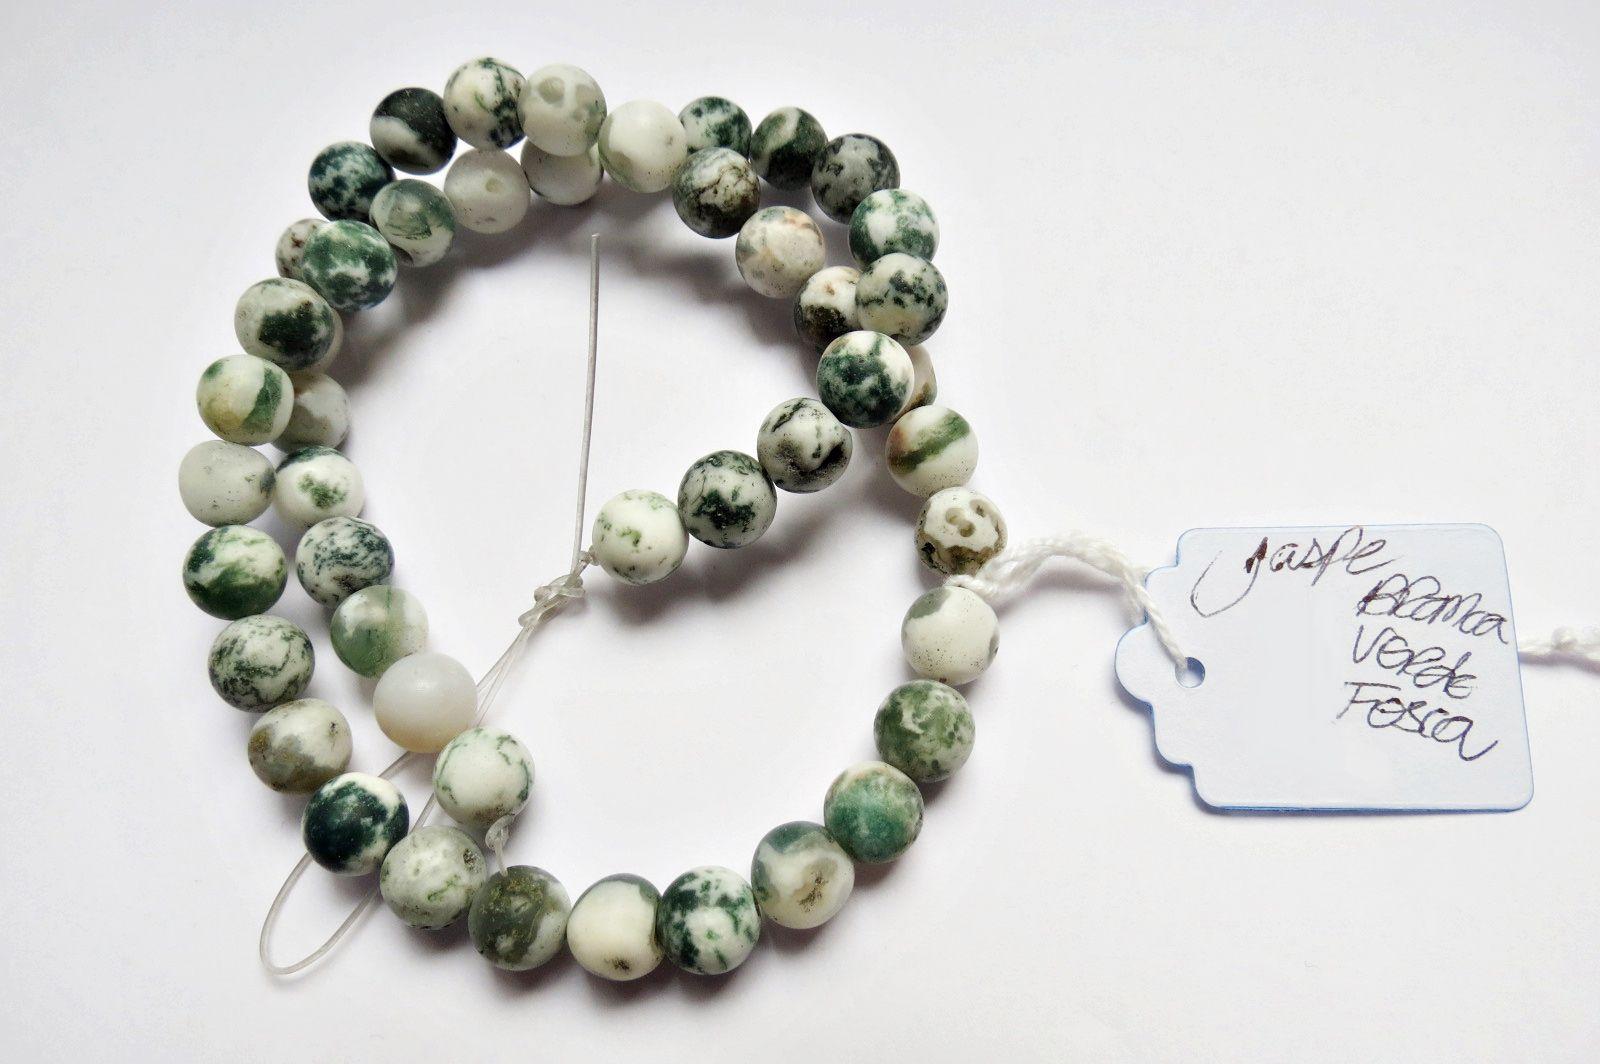 Jaspe Branca Verde Fosca